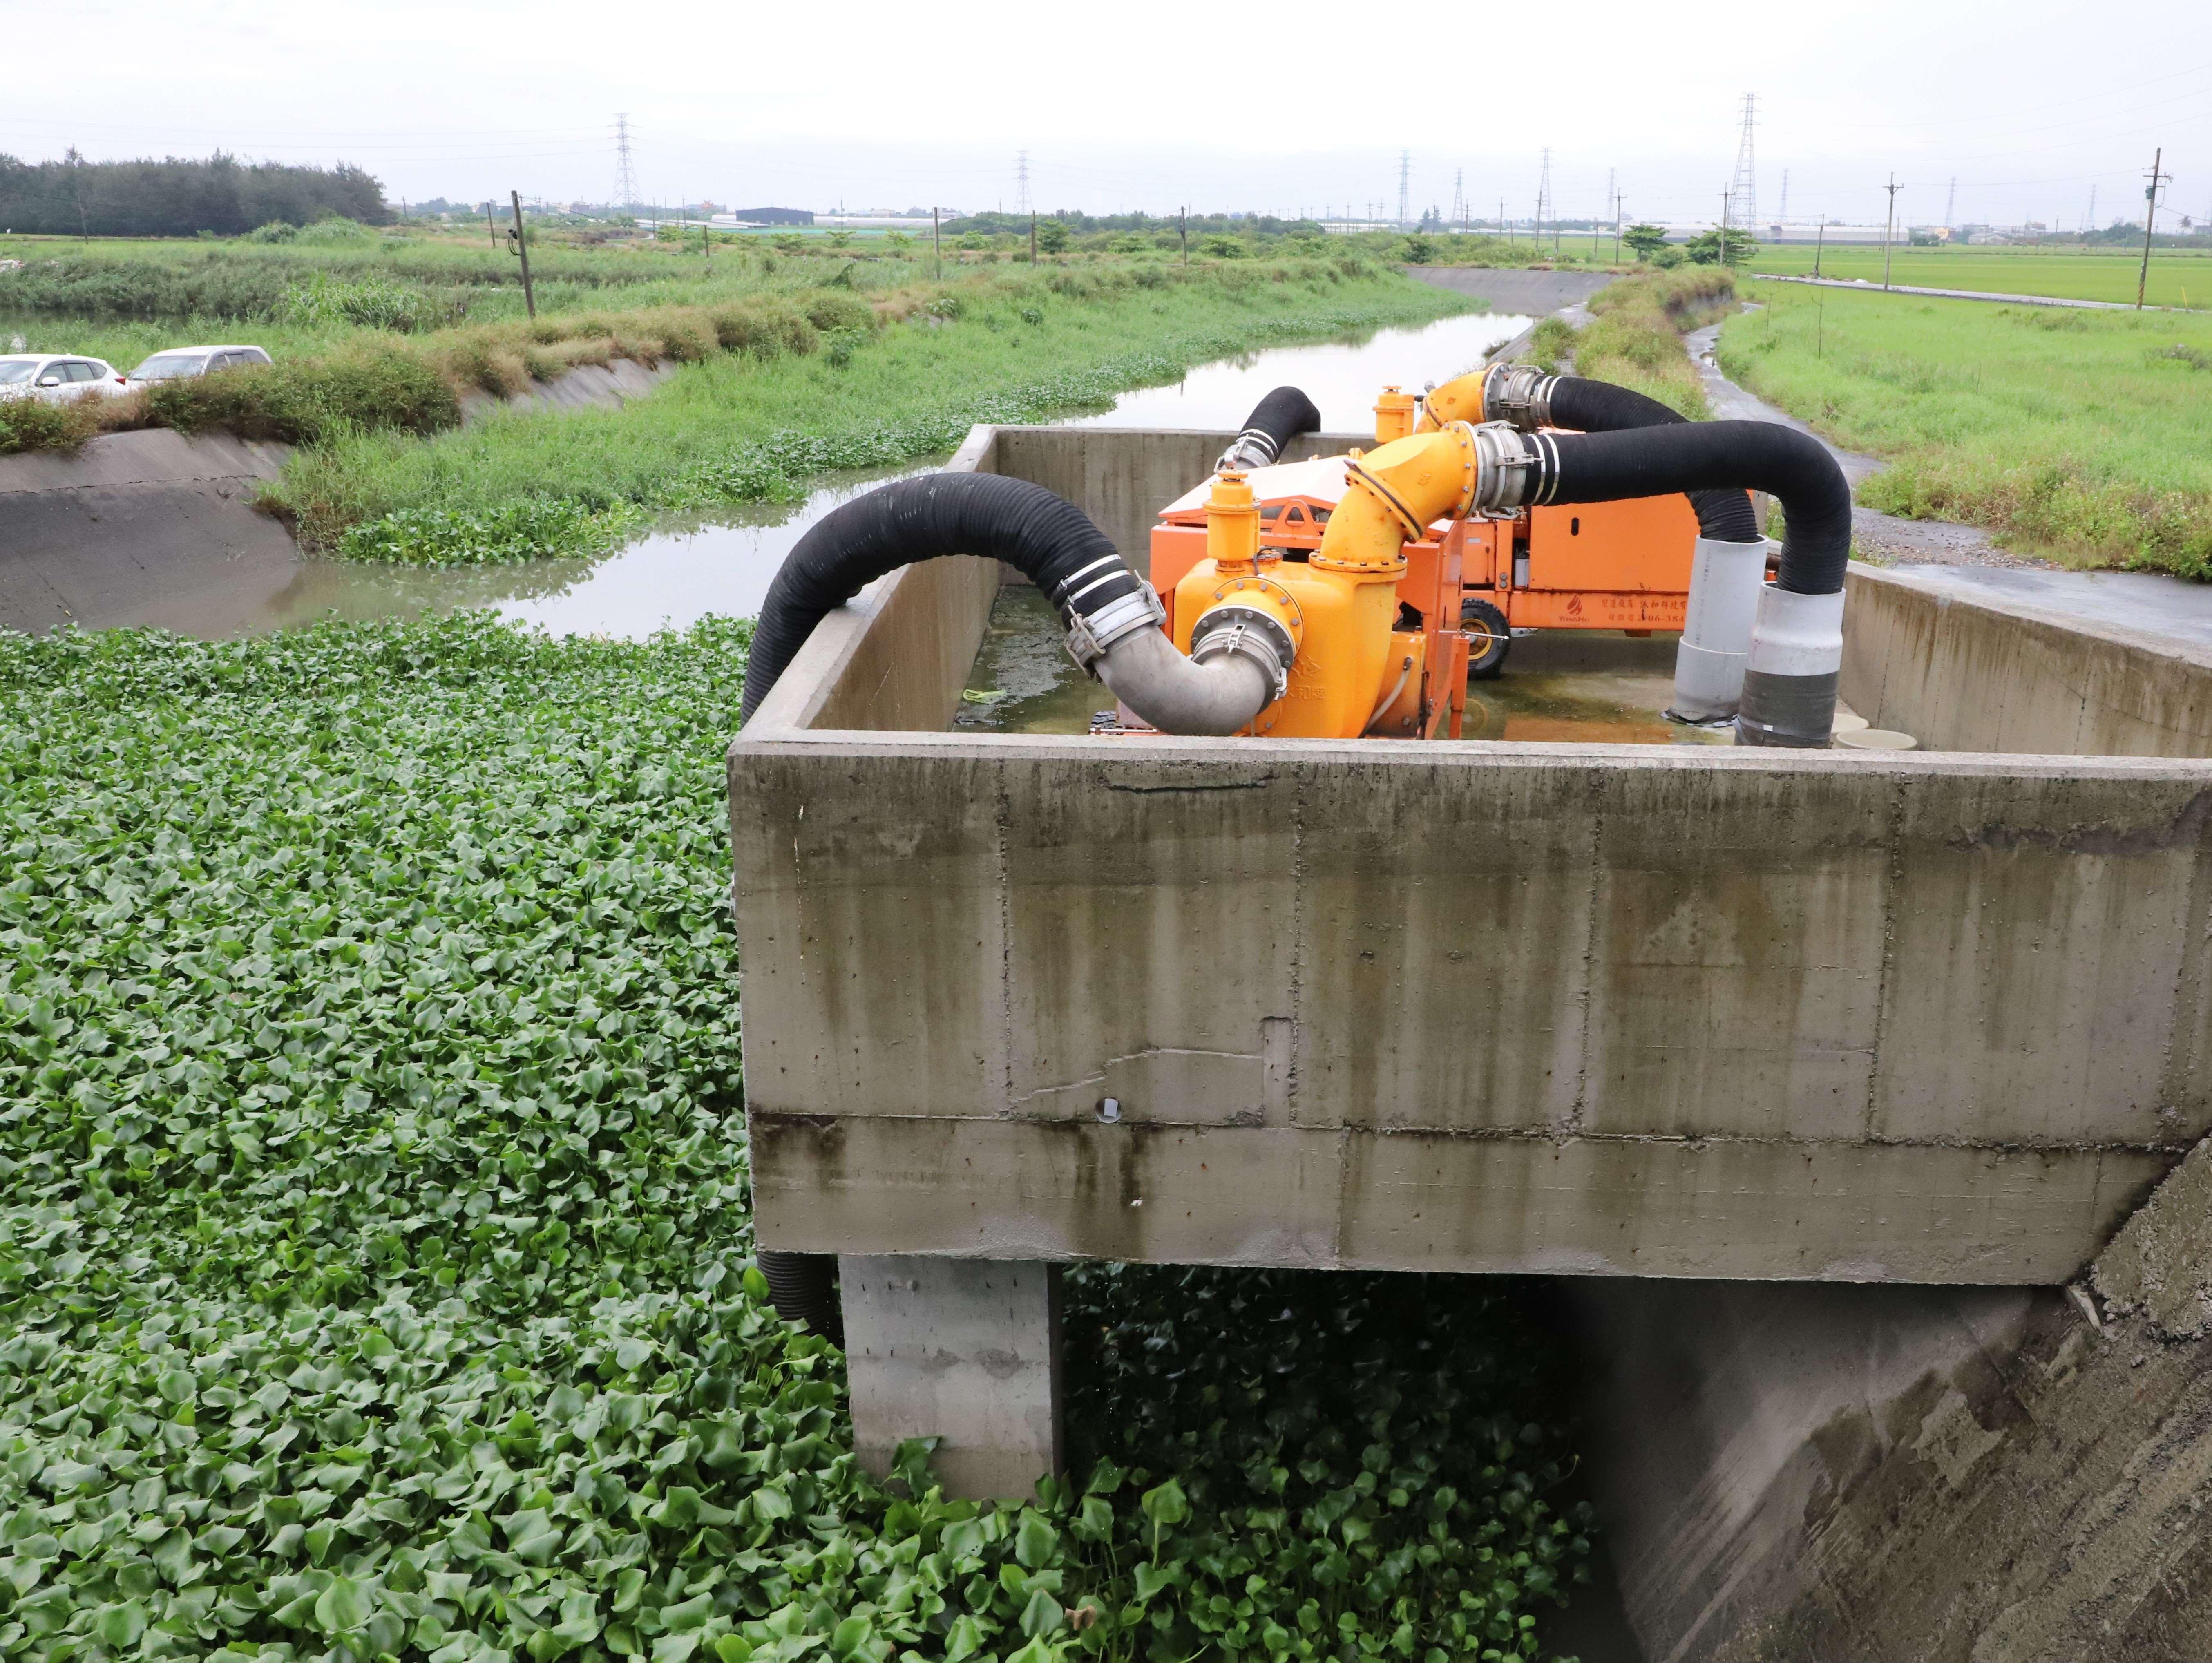 縣府規劃建置多處移動式抽水機平台,加強抽水機吊運時效。